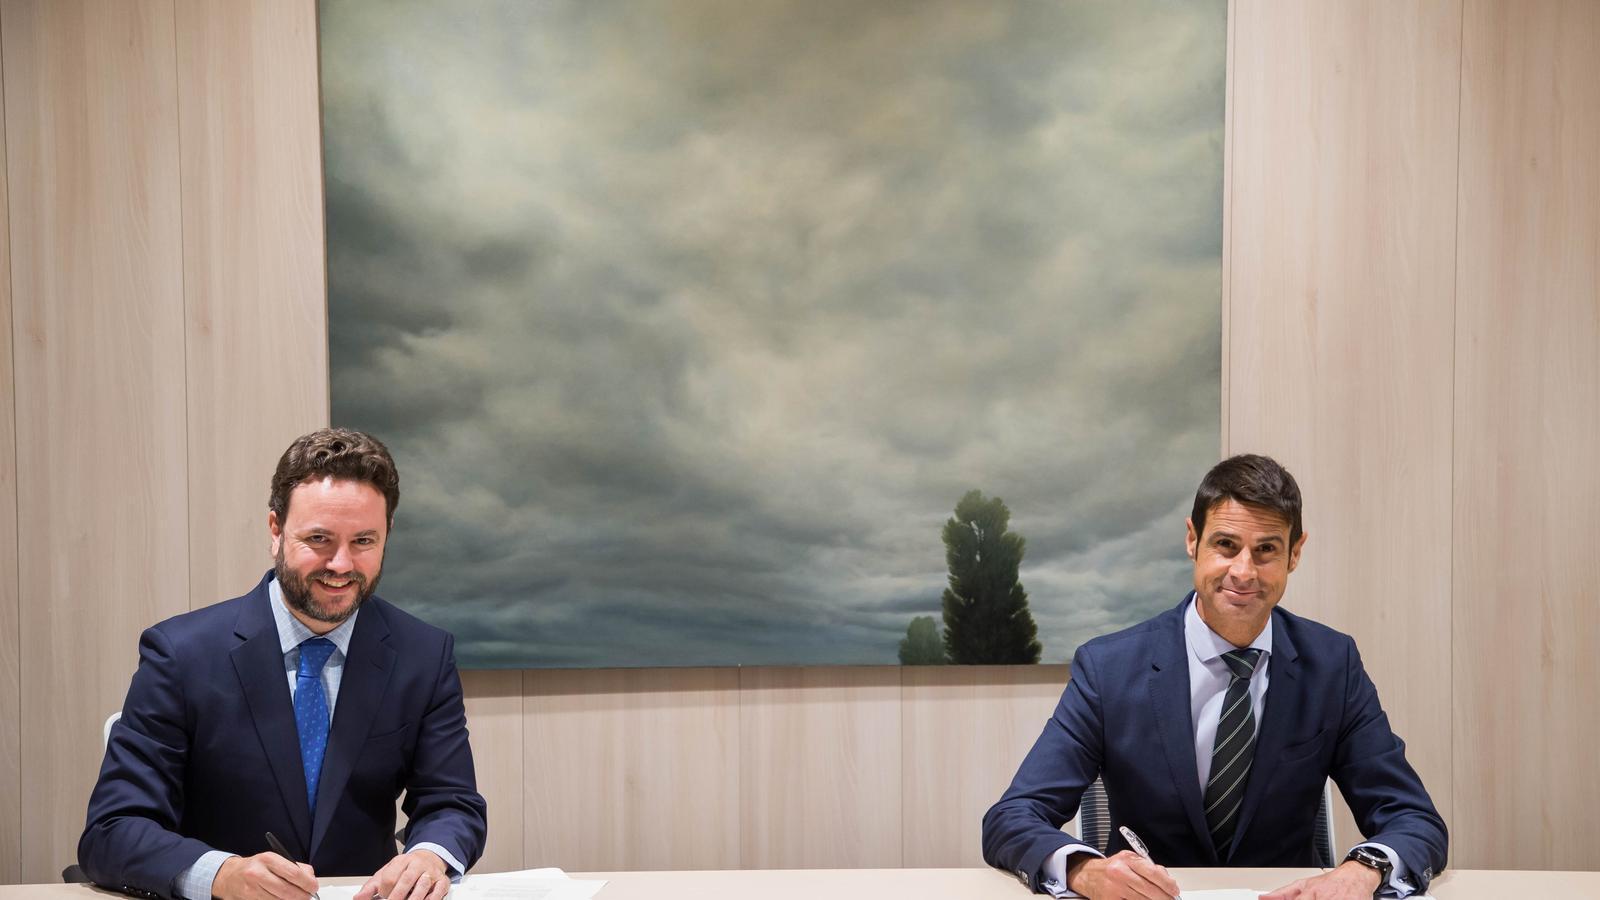 Iker Beraza, director Comercial de Sareb, i Daniel Caballero, director corporatiu de Negoci Immobiliari de CaixaBank, en l'acte de signatura